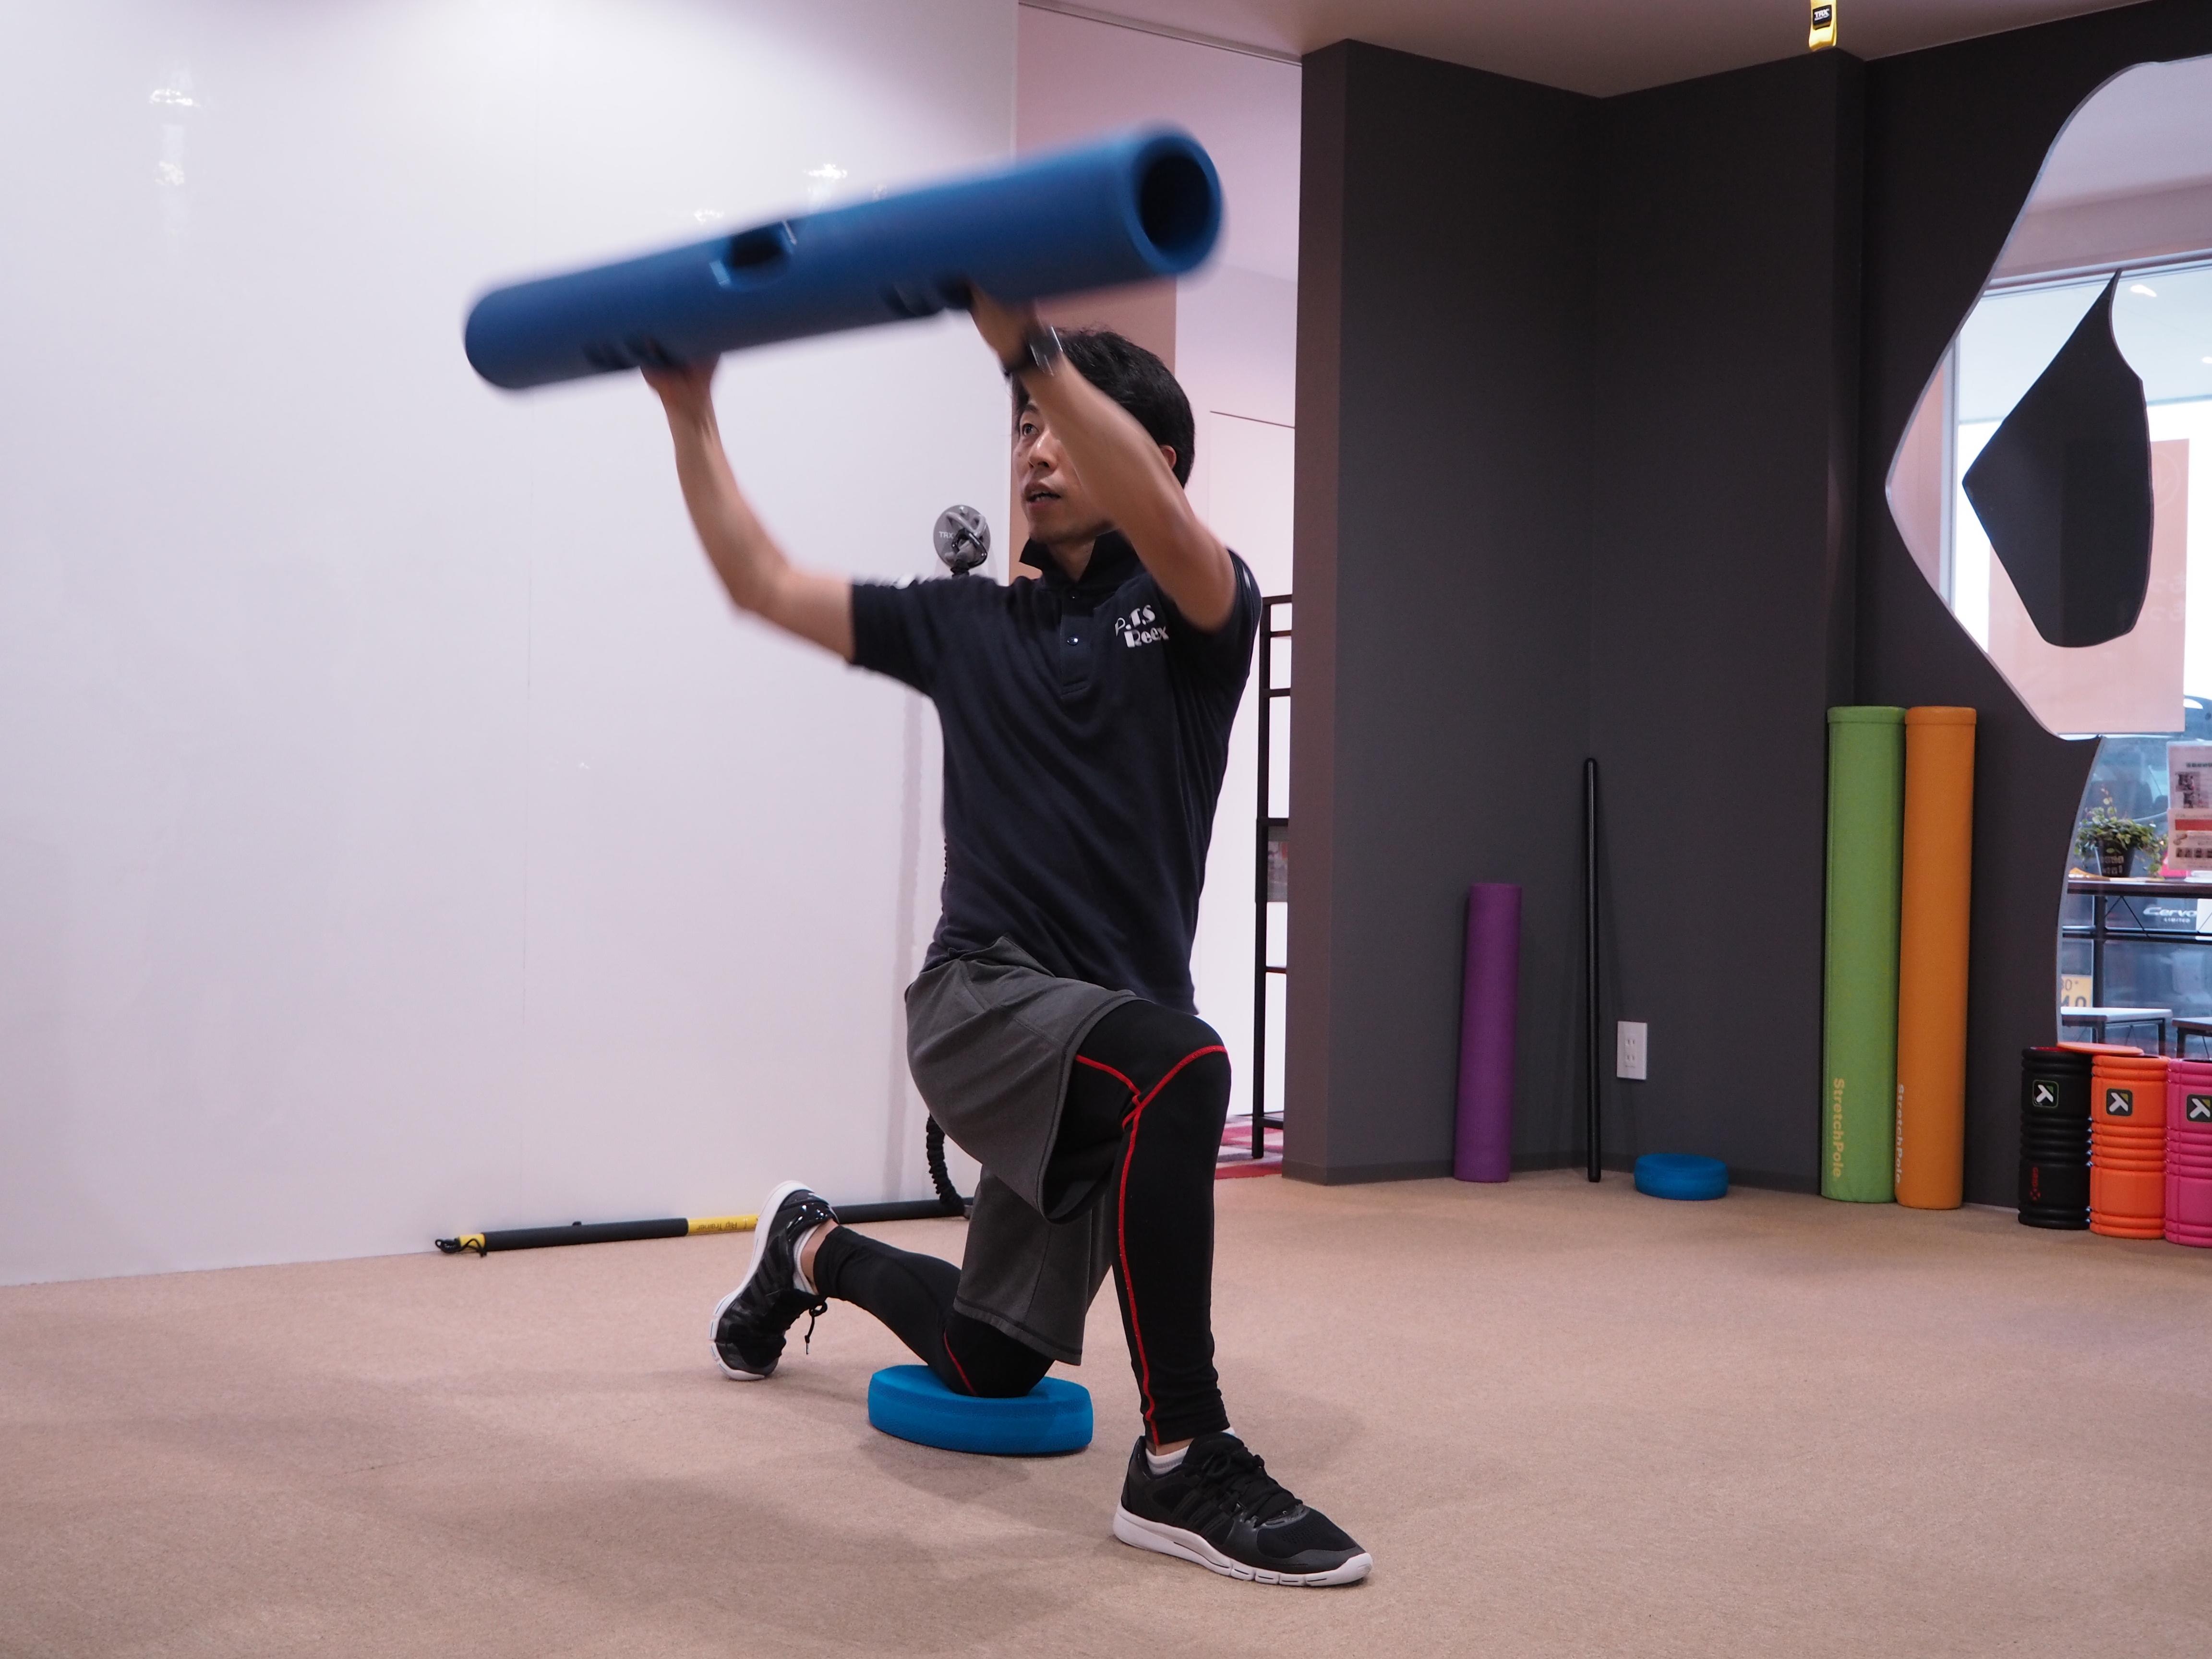 パーソナルトレーニングの流れ⑥ ~筋力強化:ストレングストレーニング~